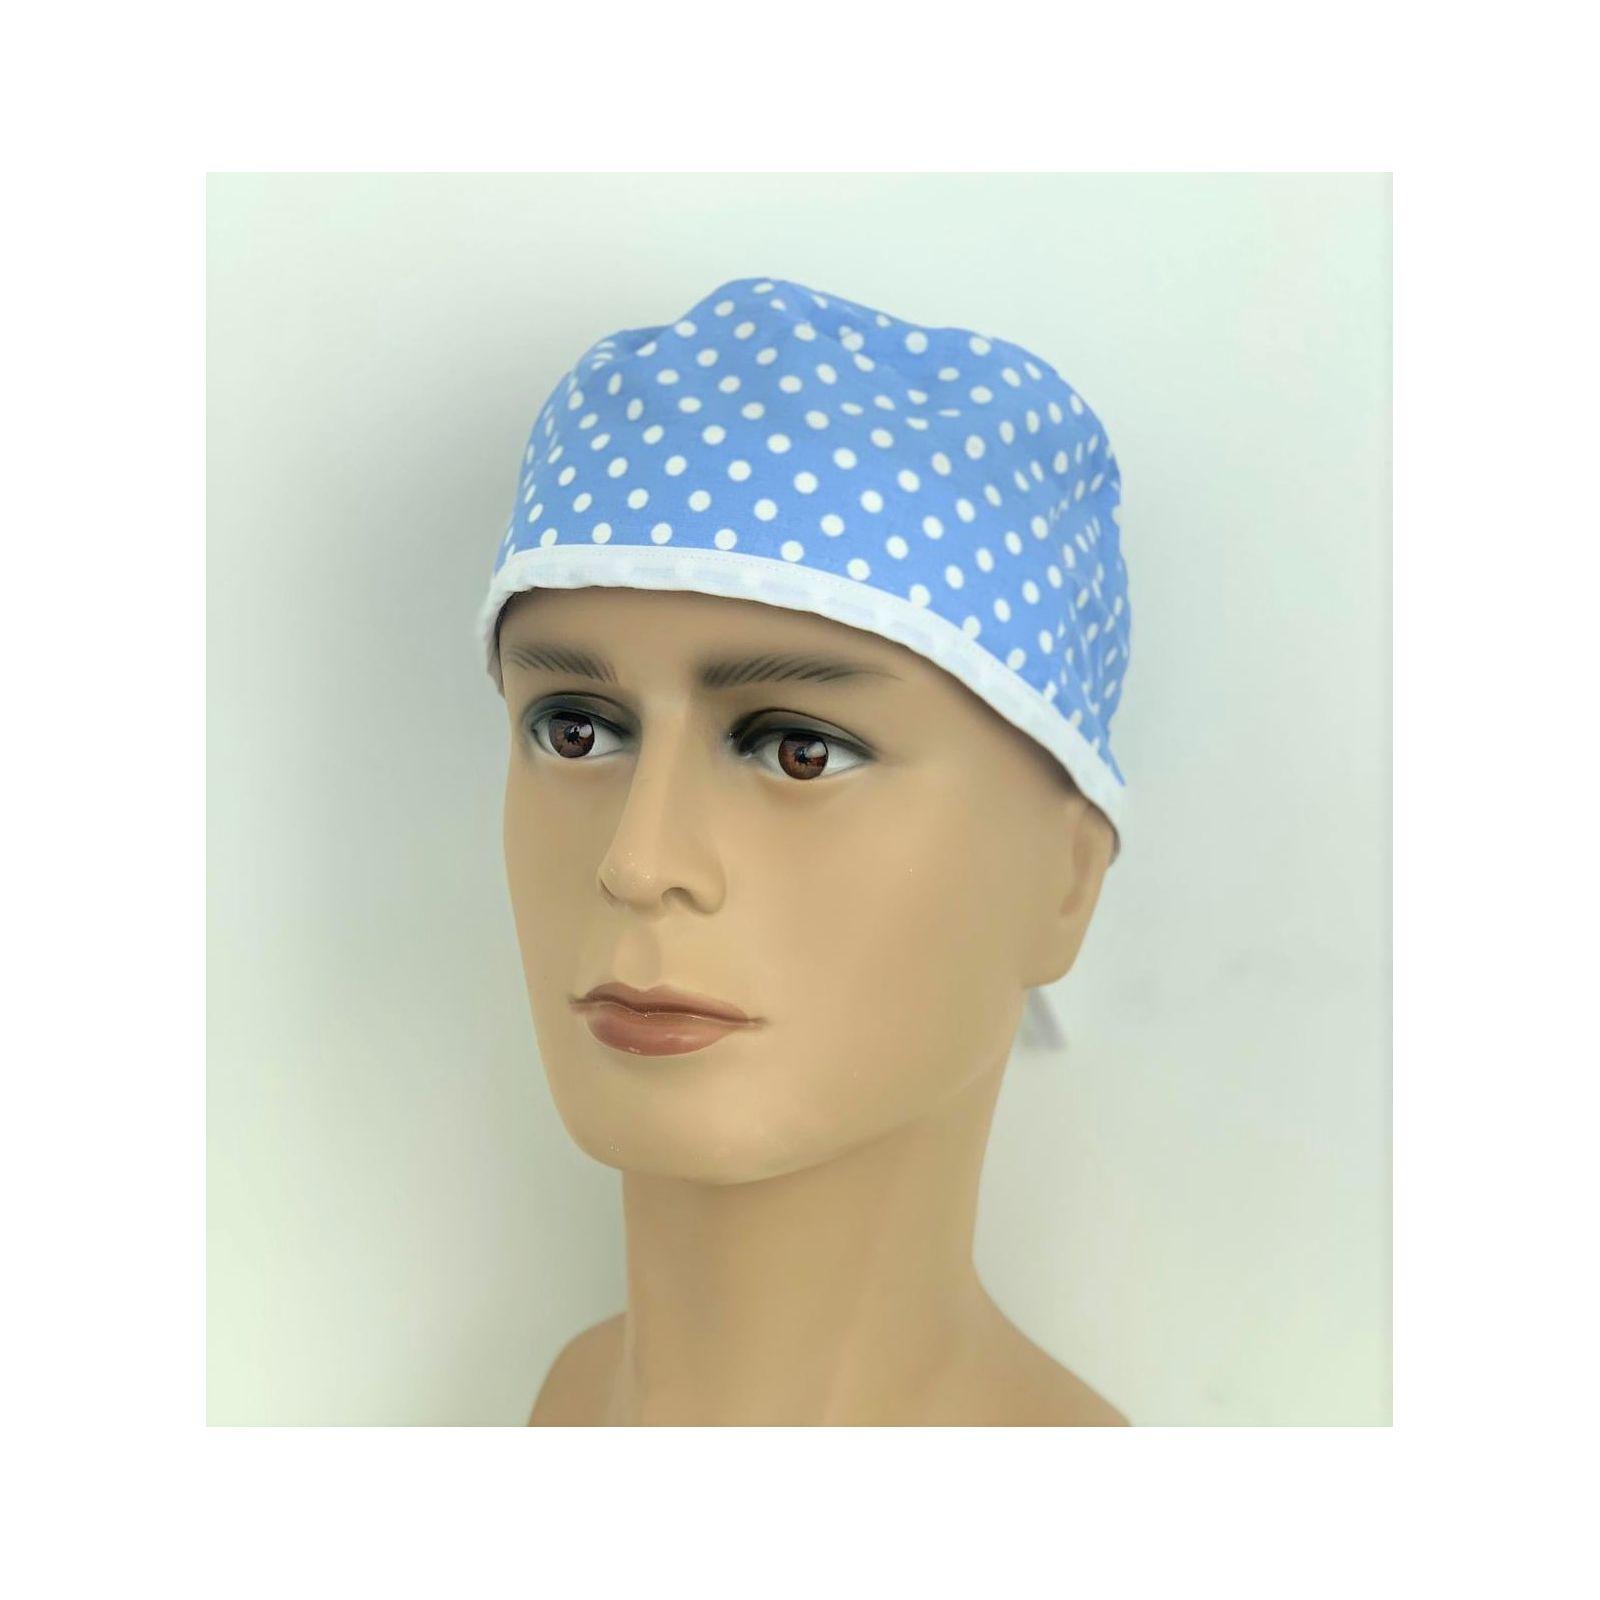 """Calot médical """"Pois fond bleu"""" (210-9996) vue face"""